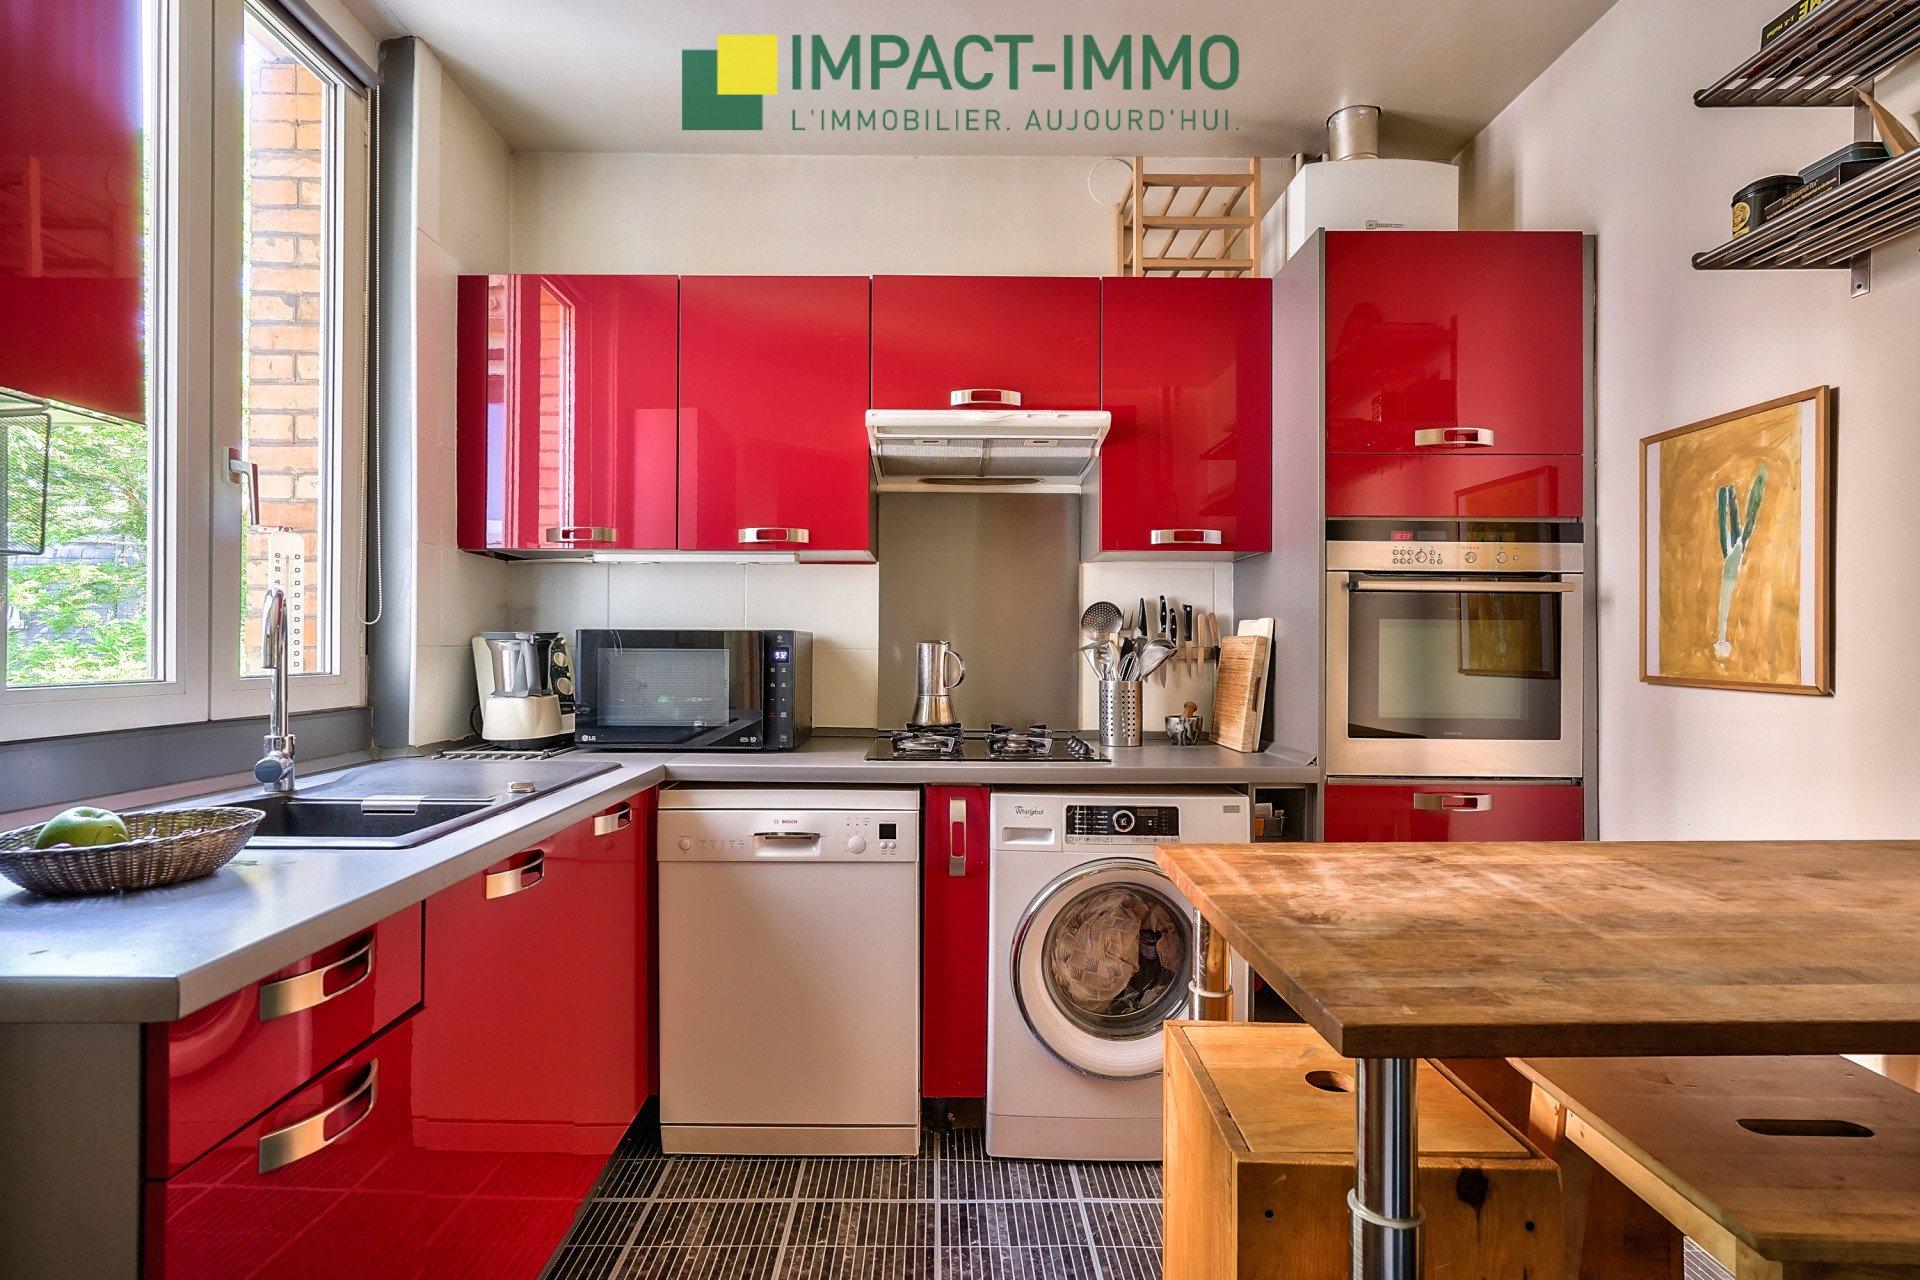 A vendre Colombes les Vallées Appartement 4 pièce(s) 88 m2